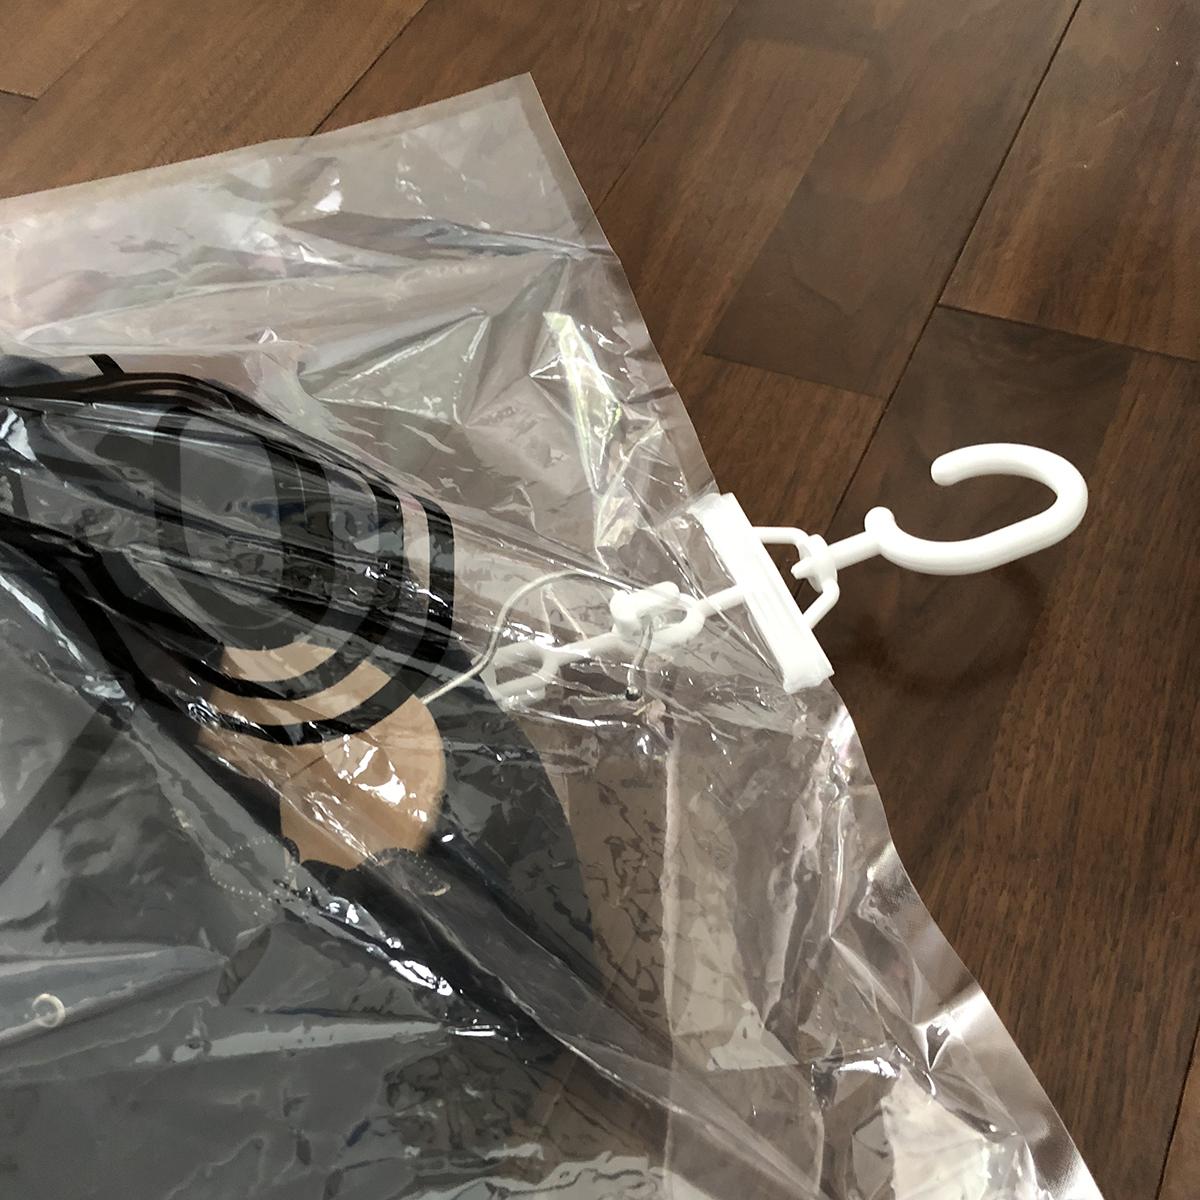 2段になっているハンガーフック|ハンガーごと収納OK、シワ・型崩れ知らずの衣類圧縮バッグ|vacuum seal hanging bag